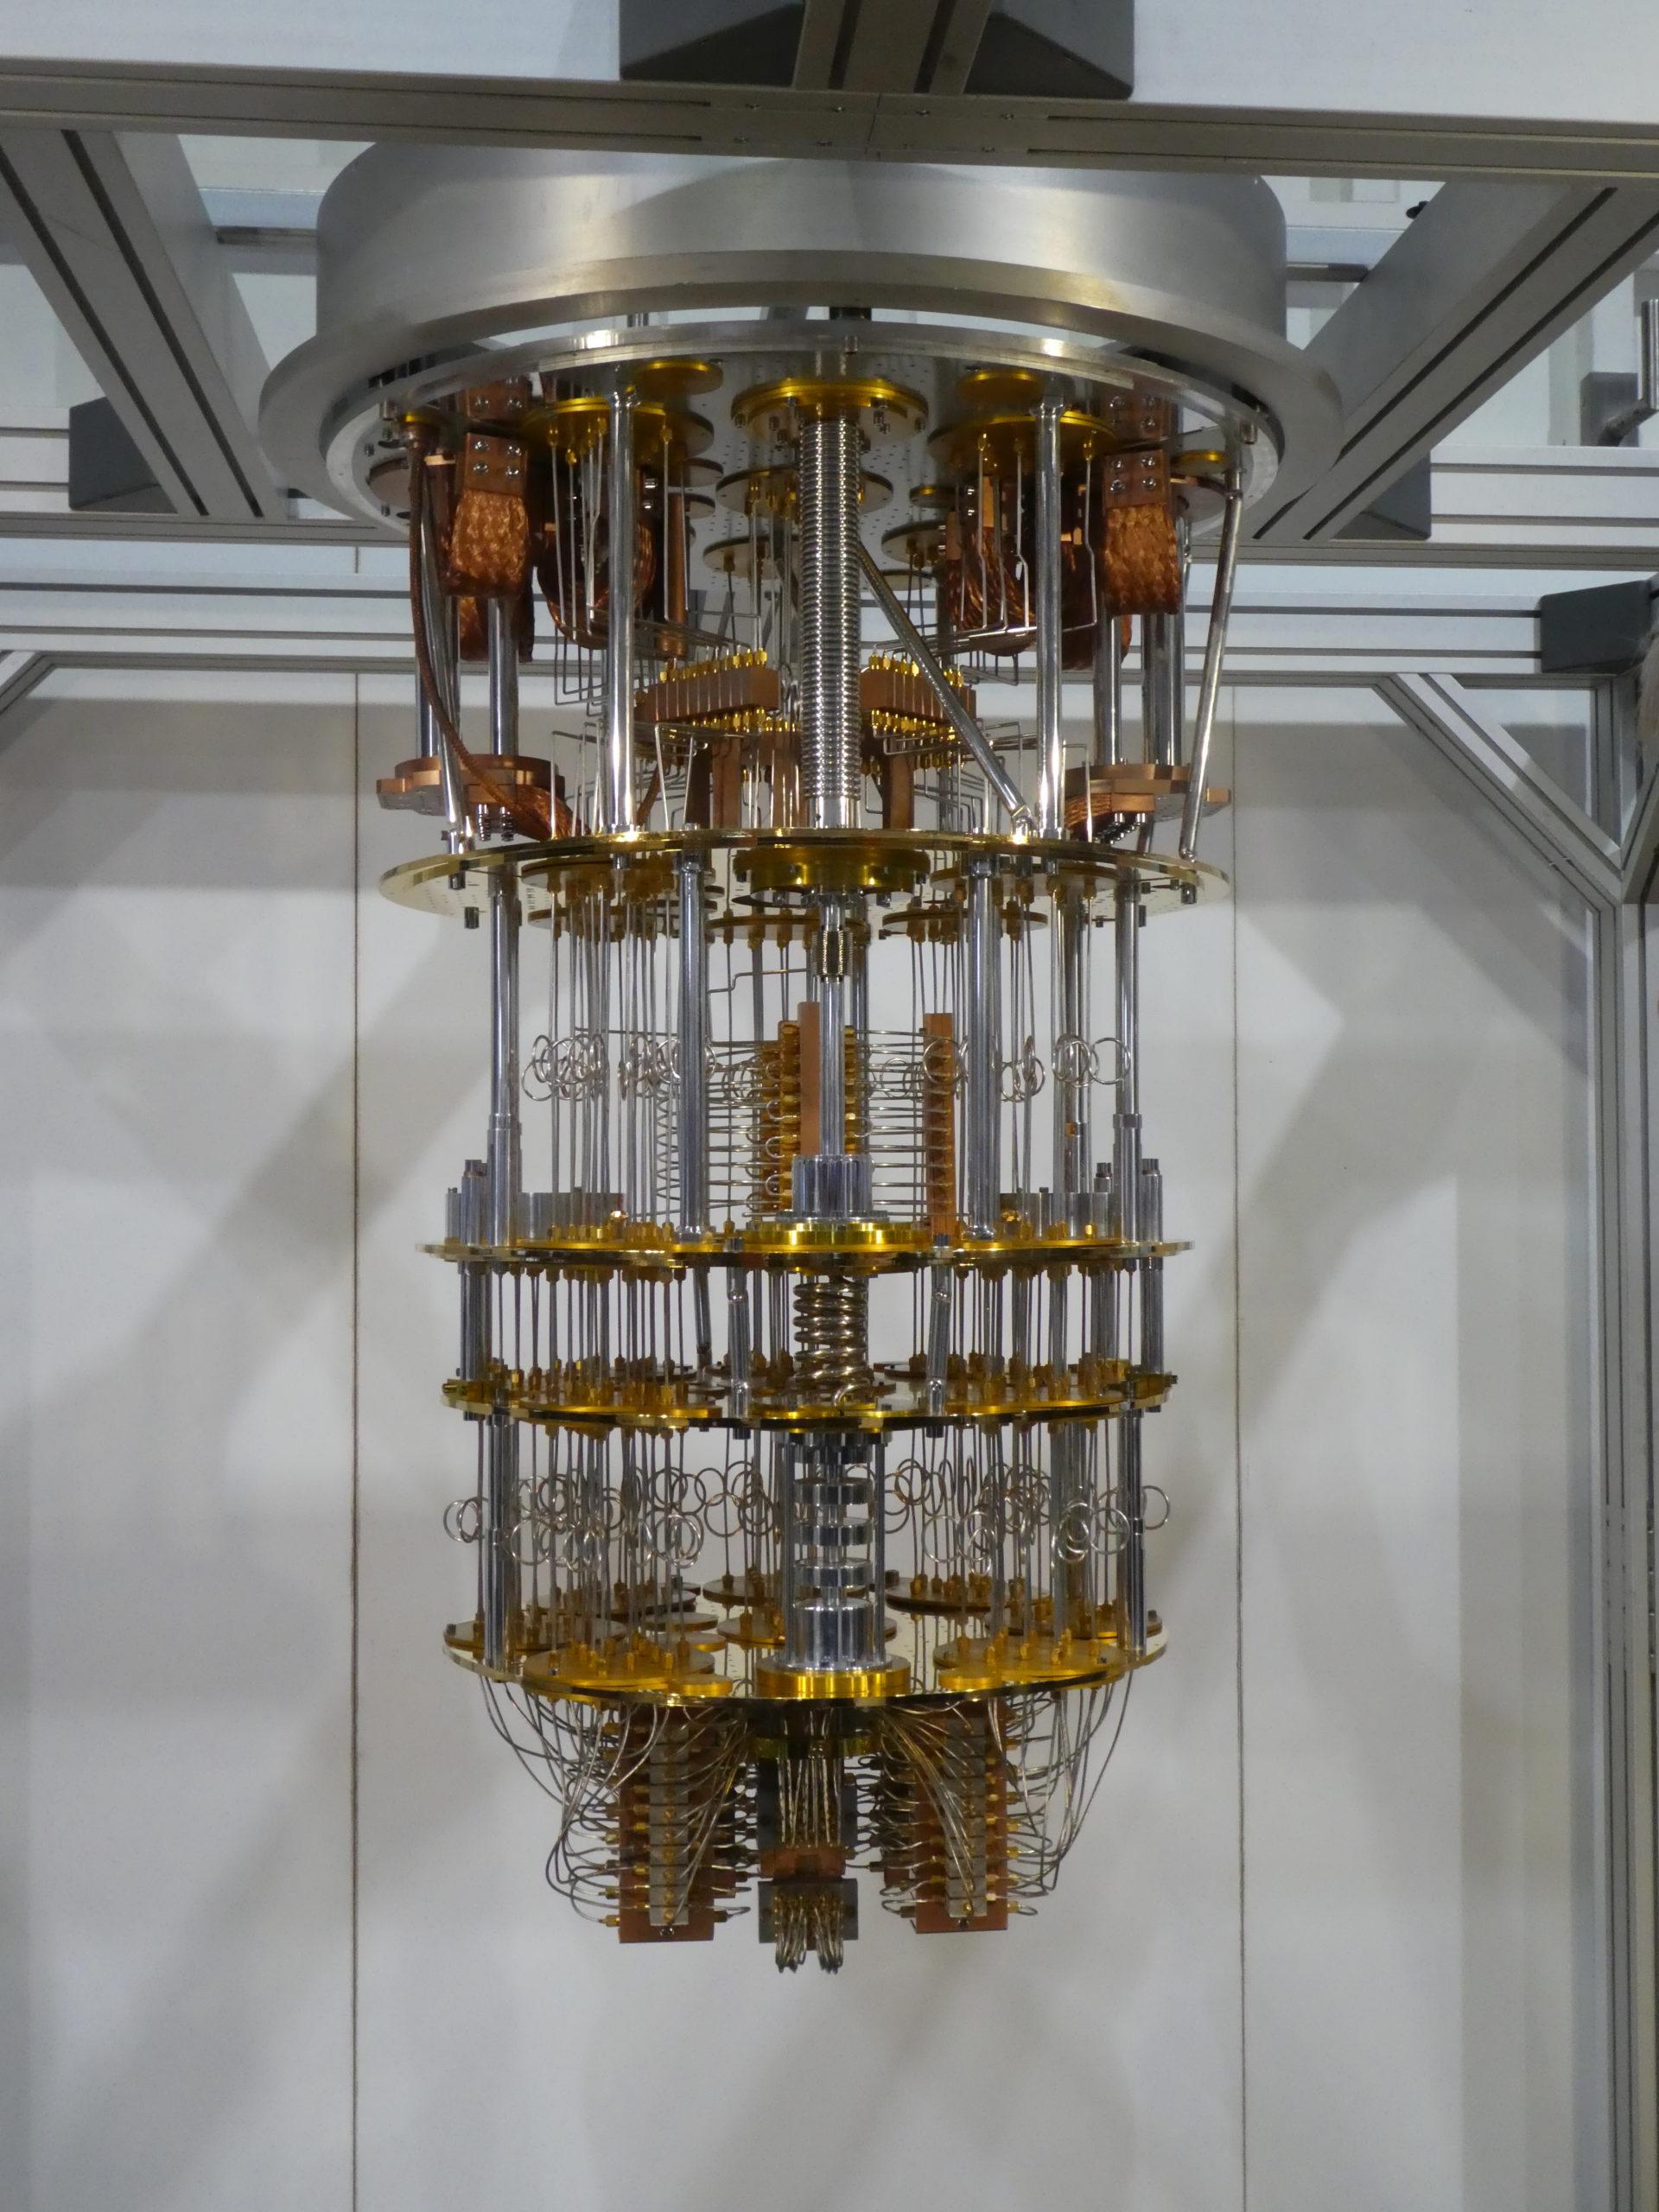 Modell des Innenlebens des Quantencomputers, ausgestellt von IBM auf dem Digitalgipfel der Bundesregierung 2019. Foto: Jens D. Billerbeck